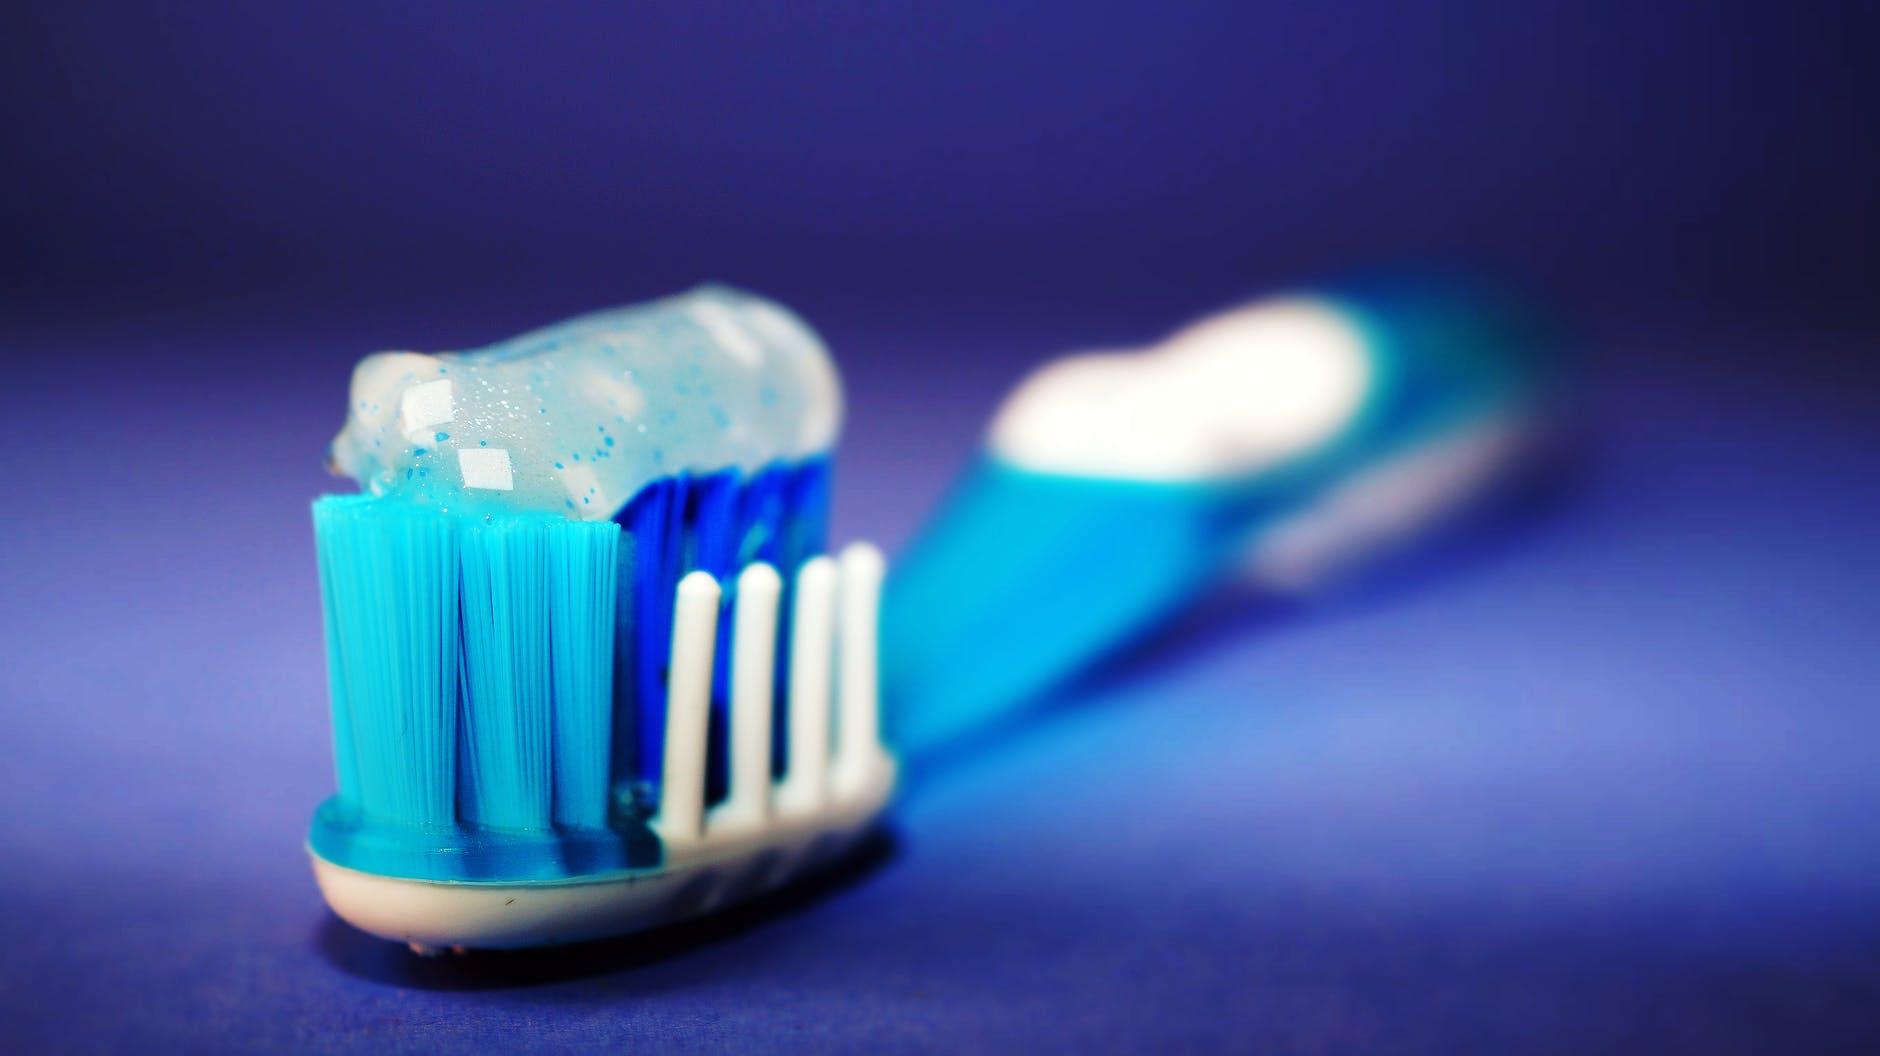 Dùng kem đánh răng chính là cách trị mụn hiệu quả sau 1 đêm